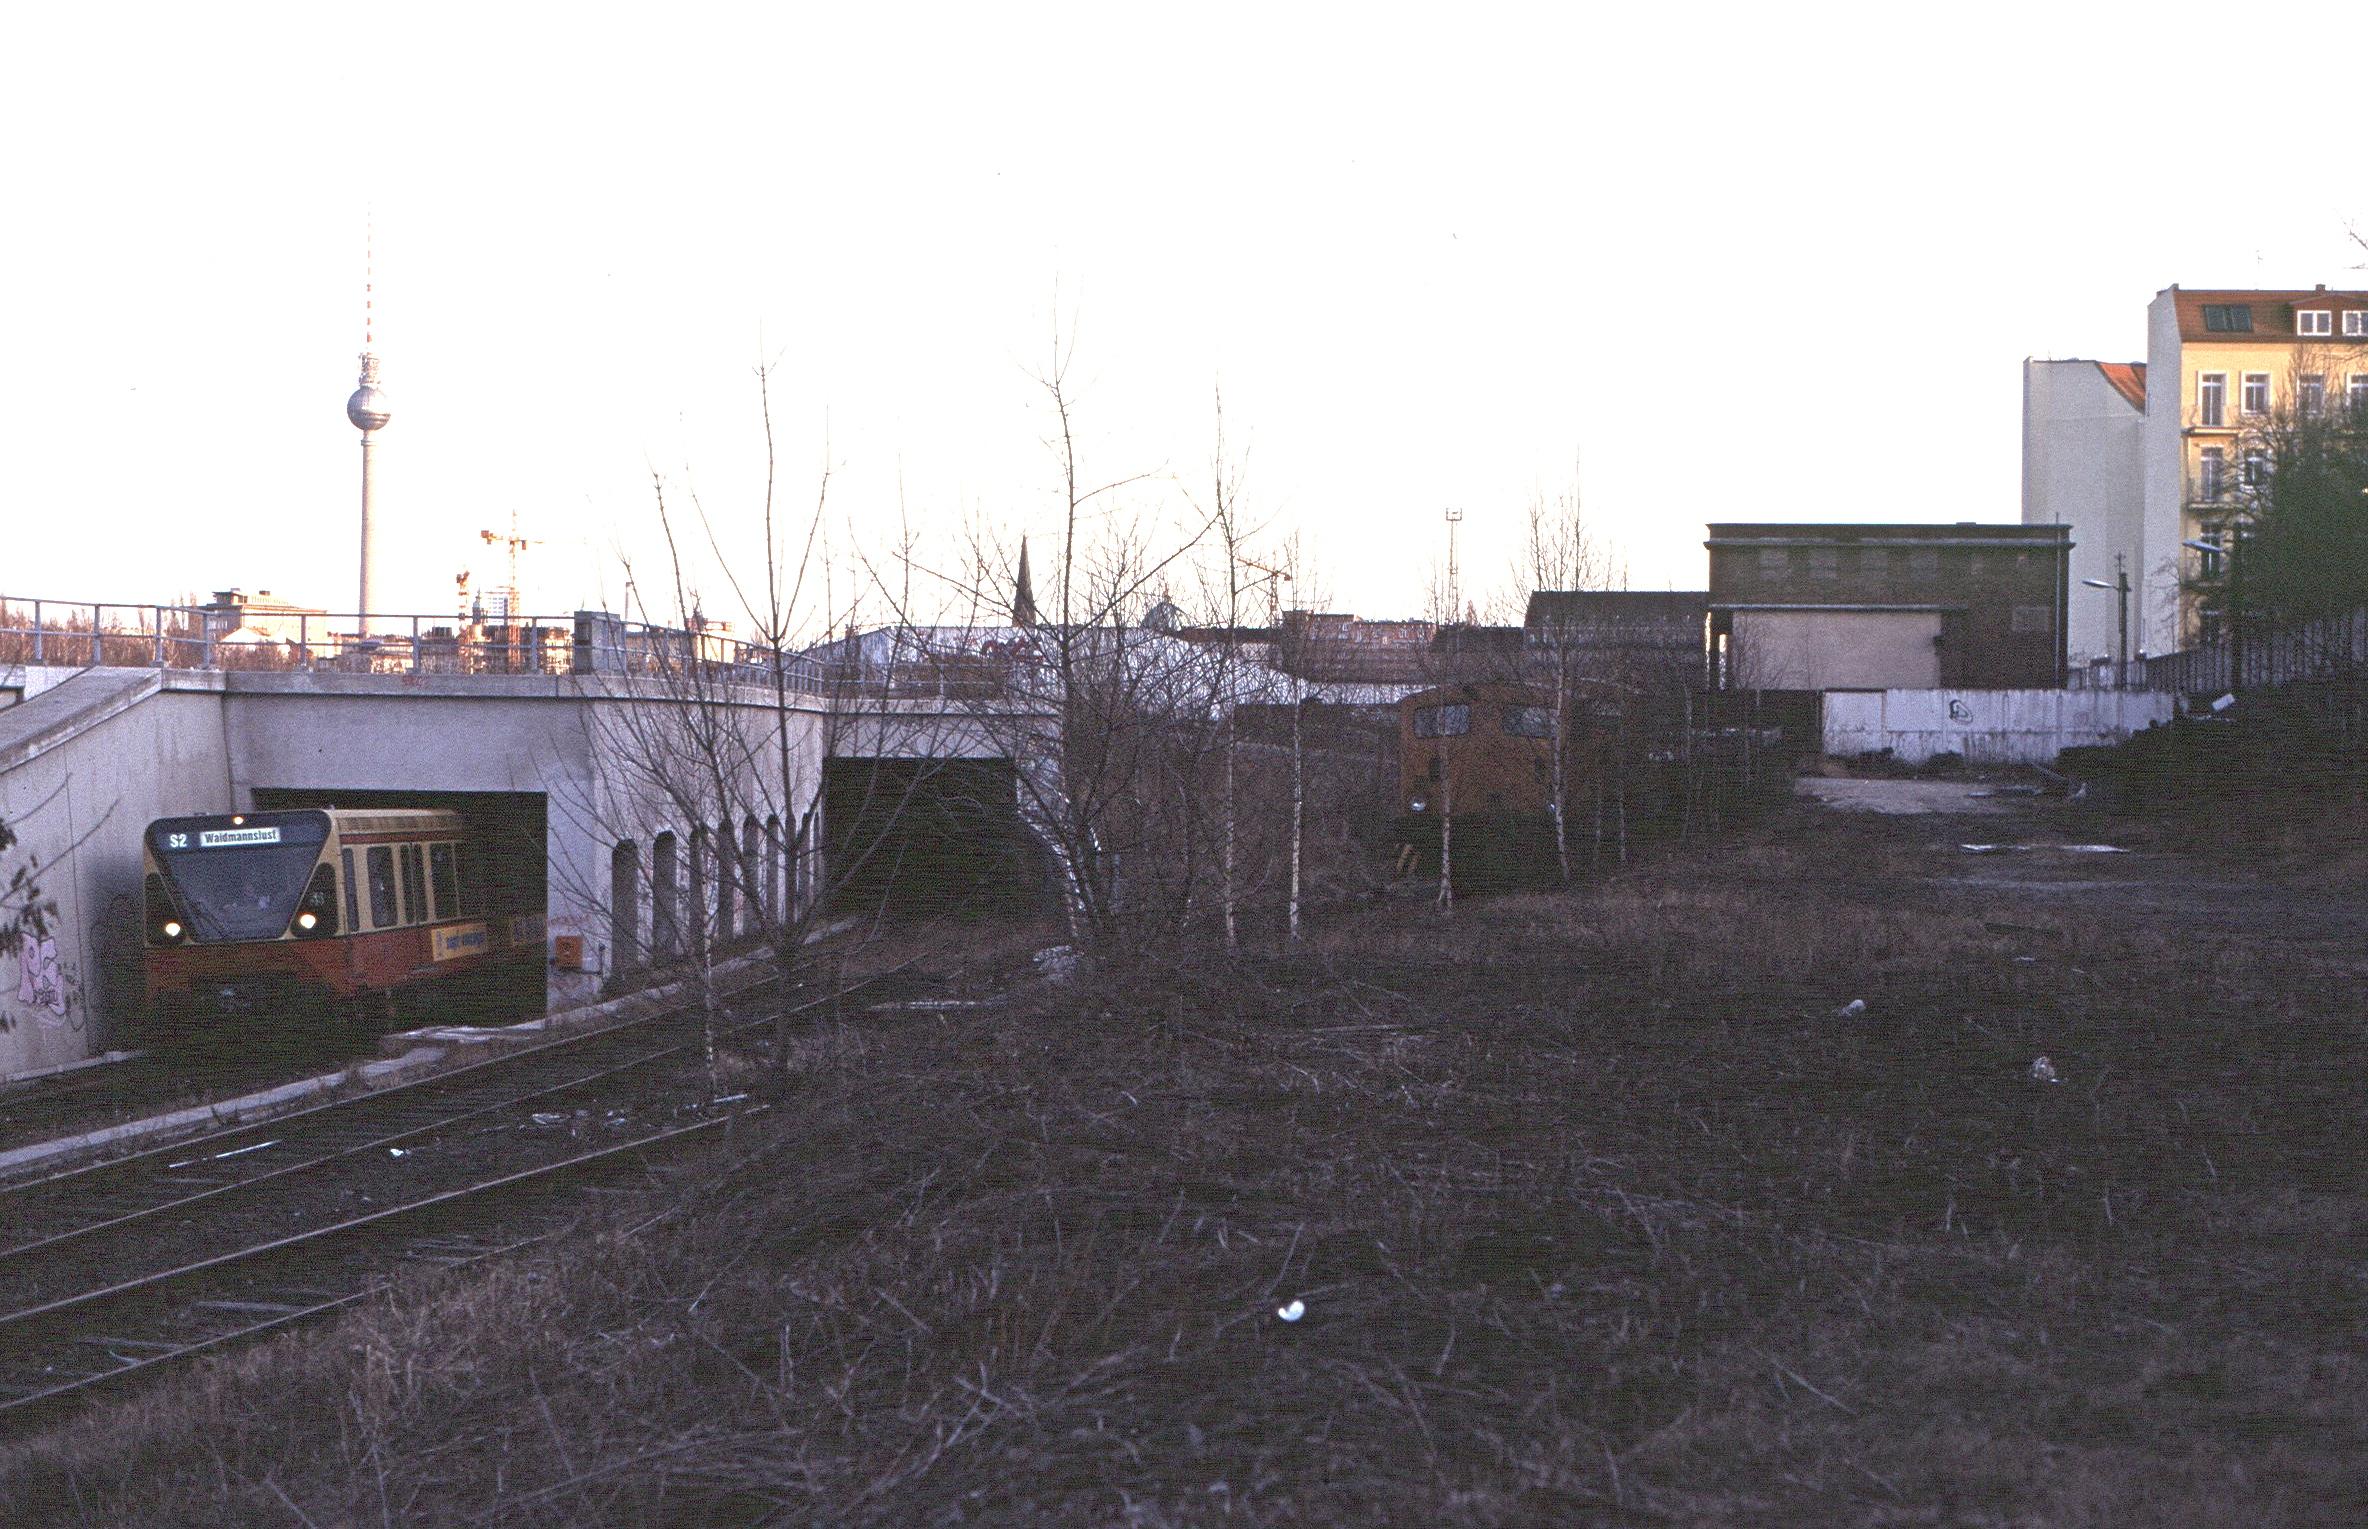 Linker und mittlerer Tunnelmund am Nordbahnhof mit ausfahrendem Zug der Baureihe 480, 1997